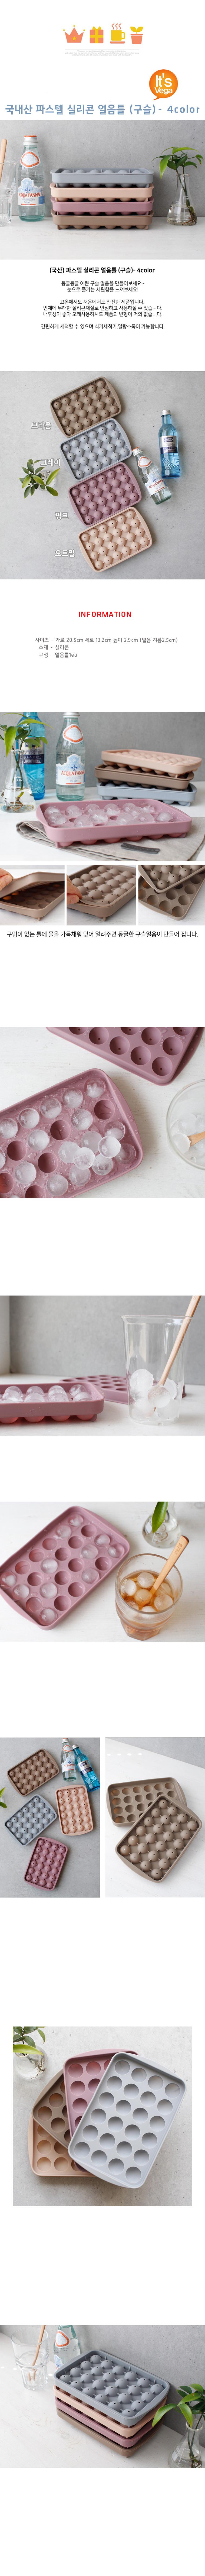 국내산 파스텔 실리콘 얼음틀 (구슬)- 4color - 베가, 10,400원, 조리도구, 아이디어 조리도구